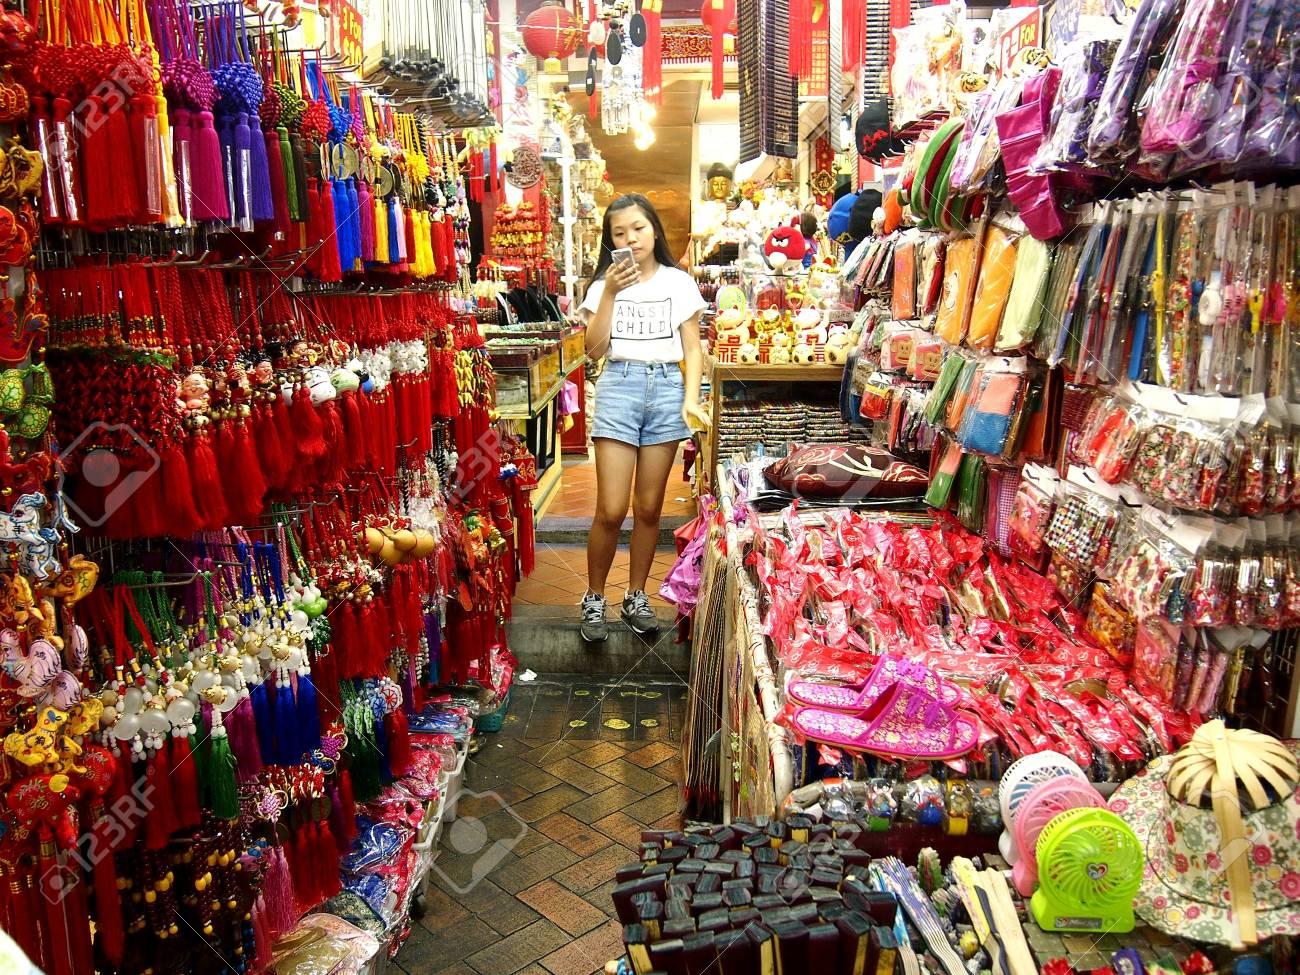 boutiques et magasins dans le quartier chinois a singapour en asie